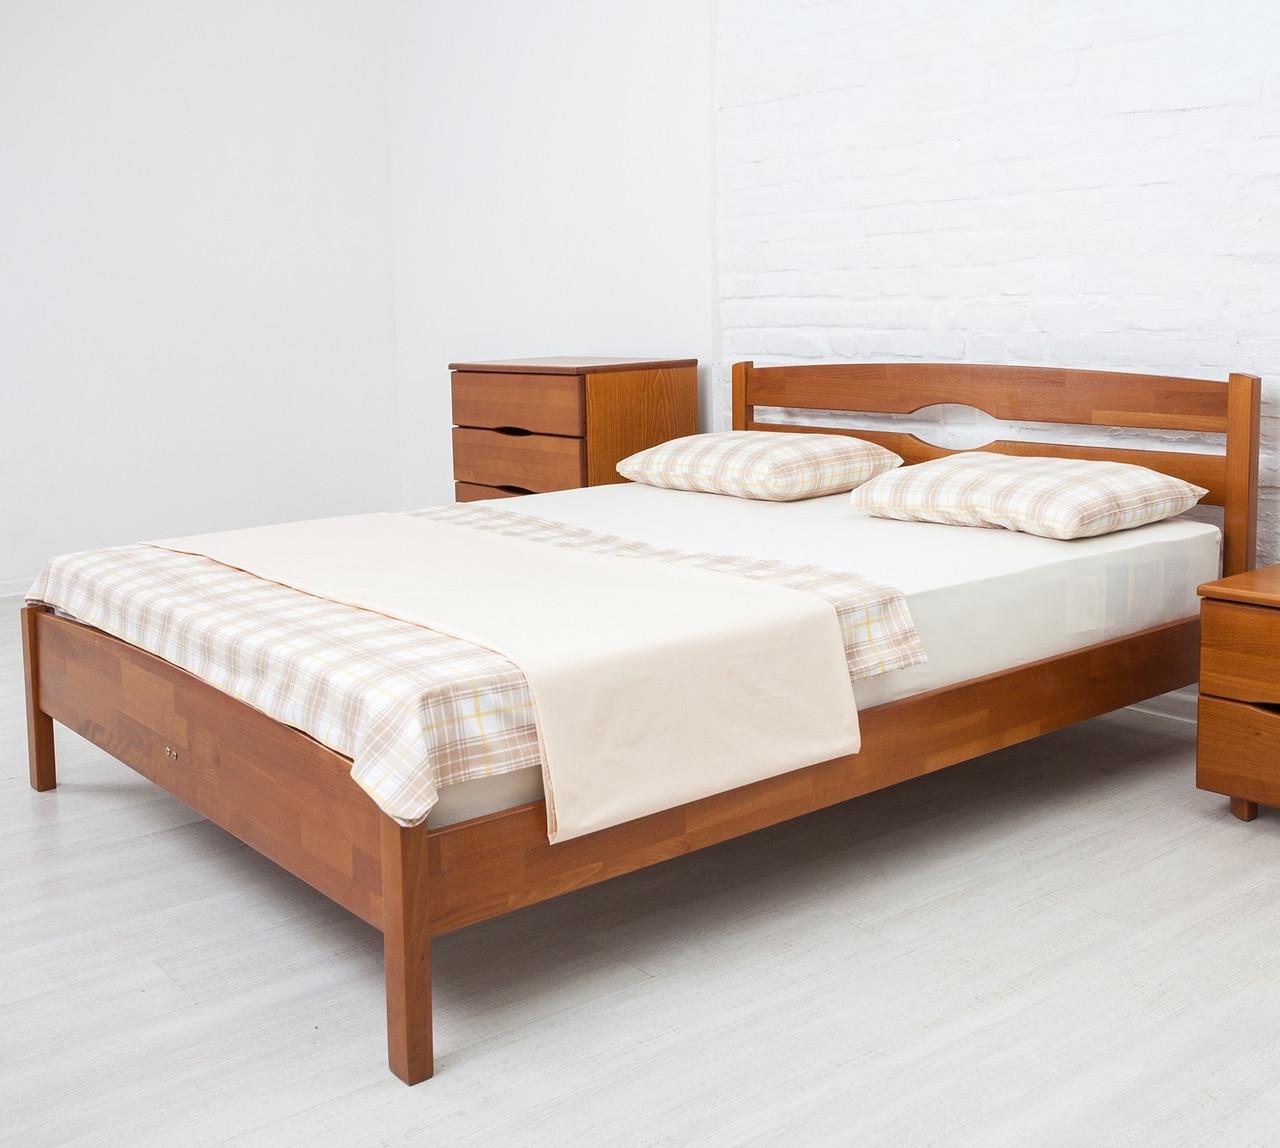 Кровать деревянная двуспальная Лика Люкс